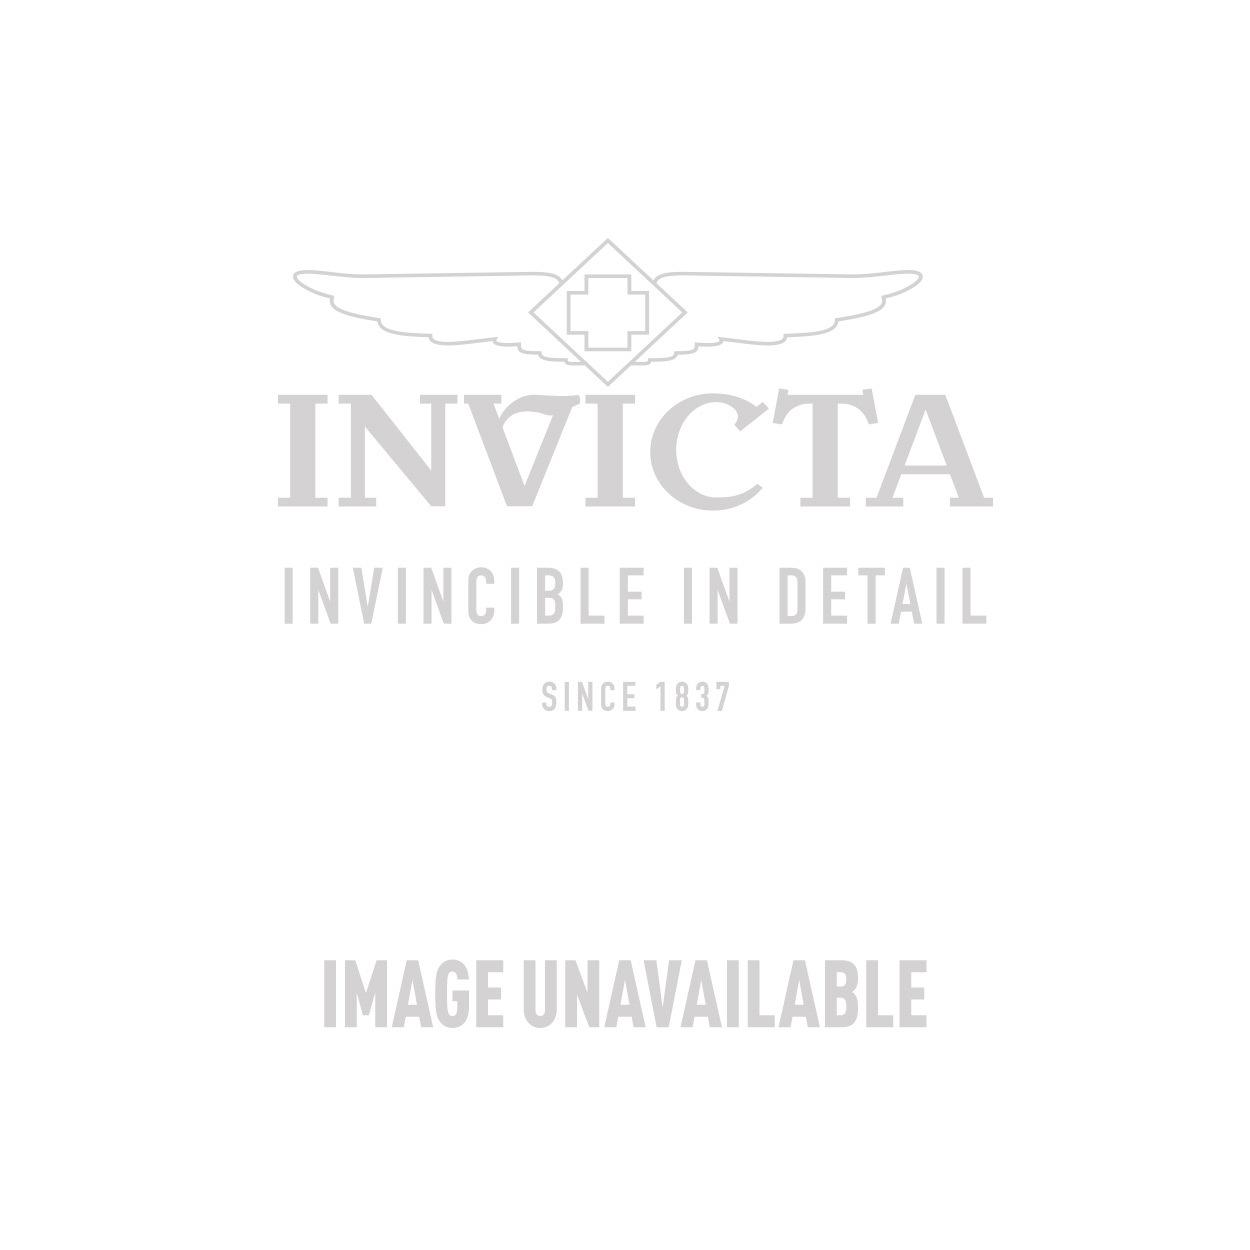 Invicta Model 24545